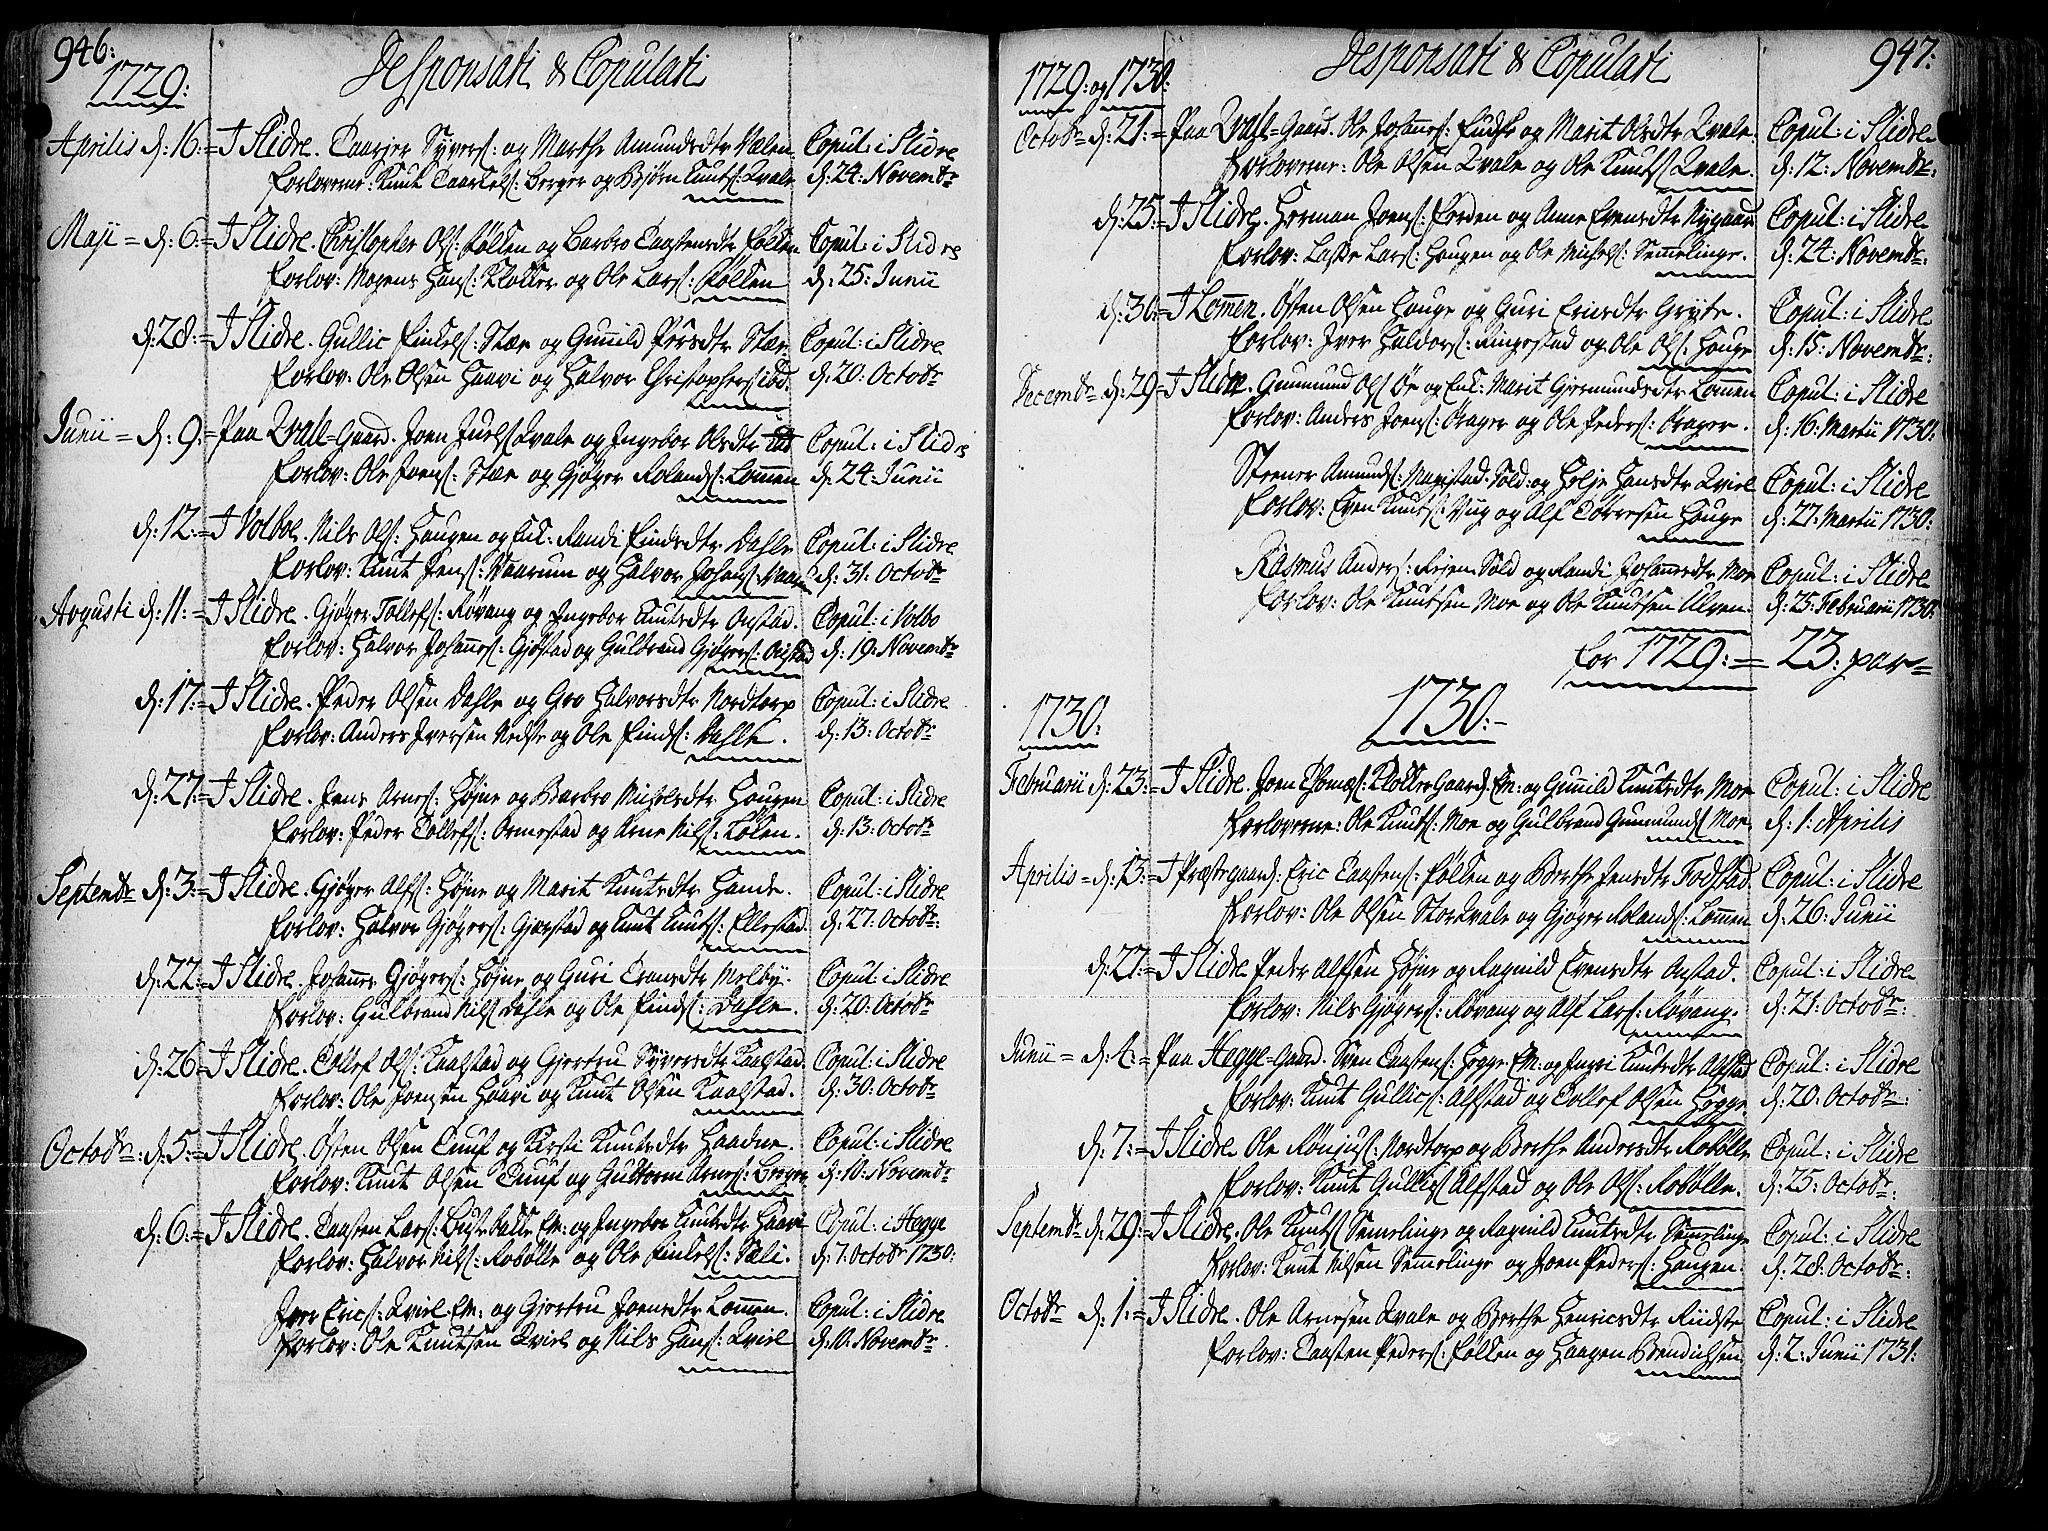 SAH, Slidre prestekontor, Ministerialbok nr. 1, 1724-1814, s. 946-947